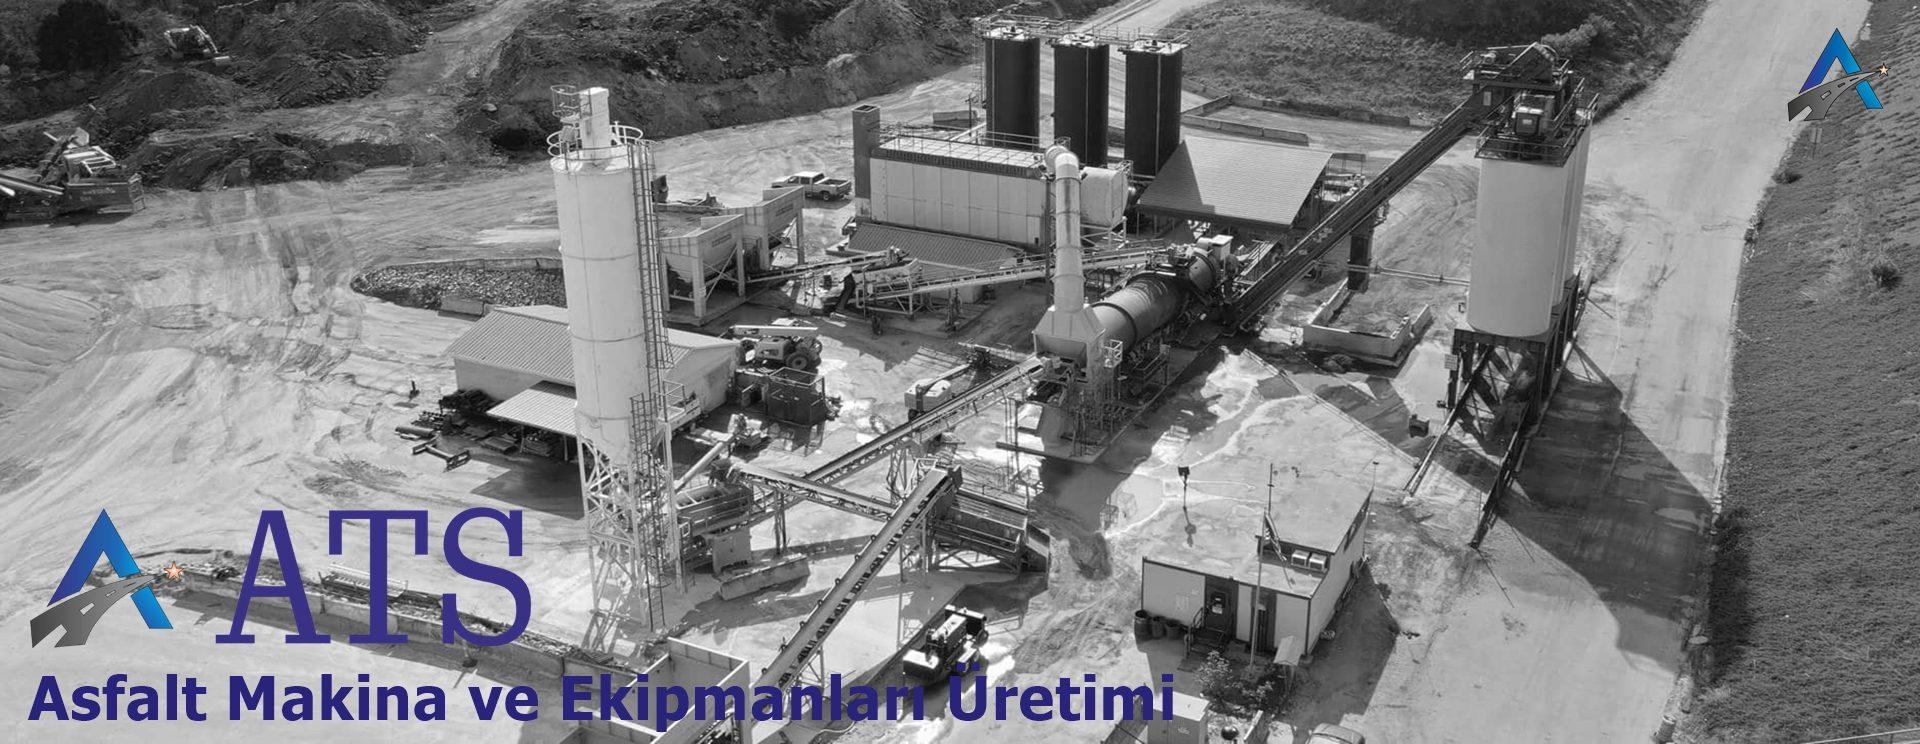 Asfalt Makina ve ekipman üretimi